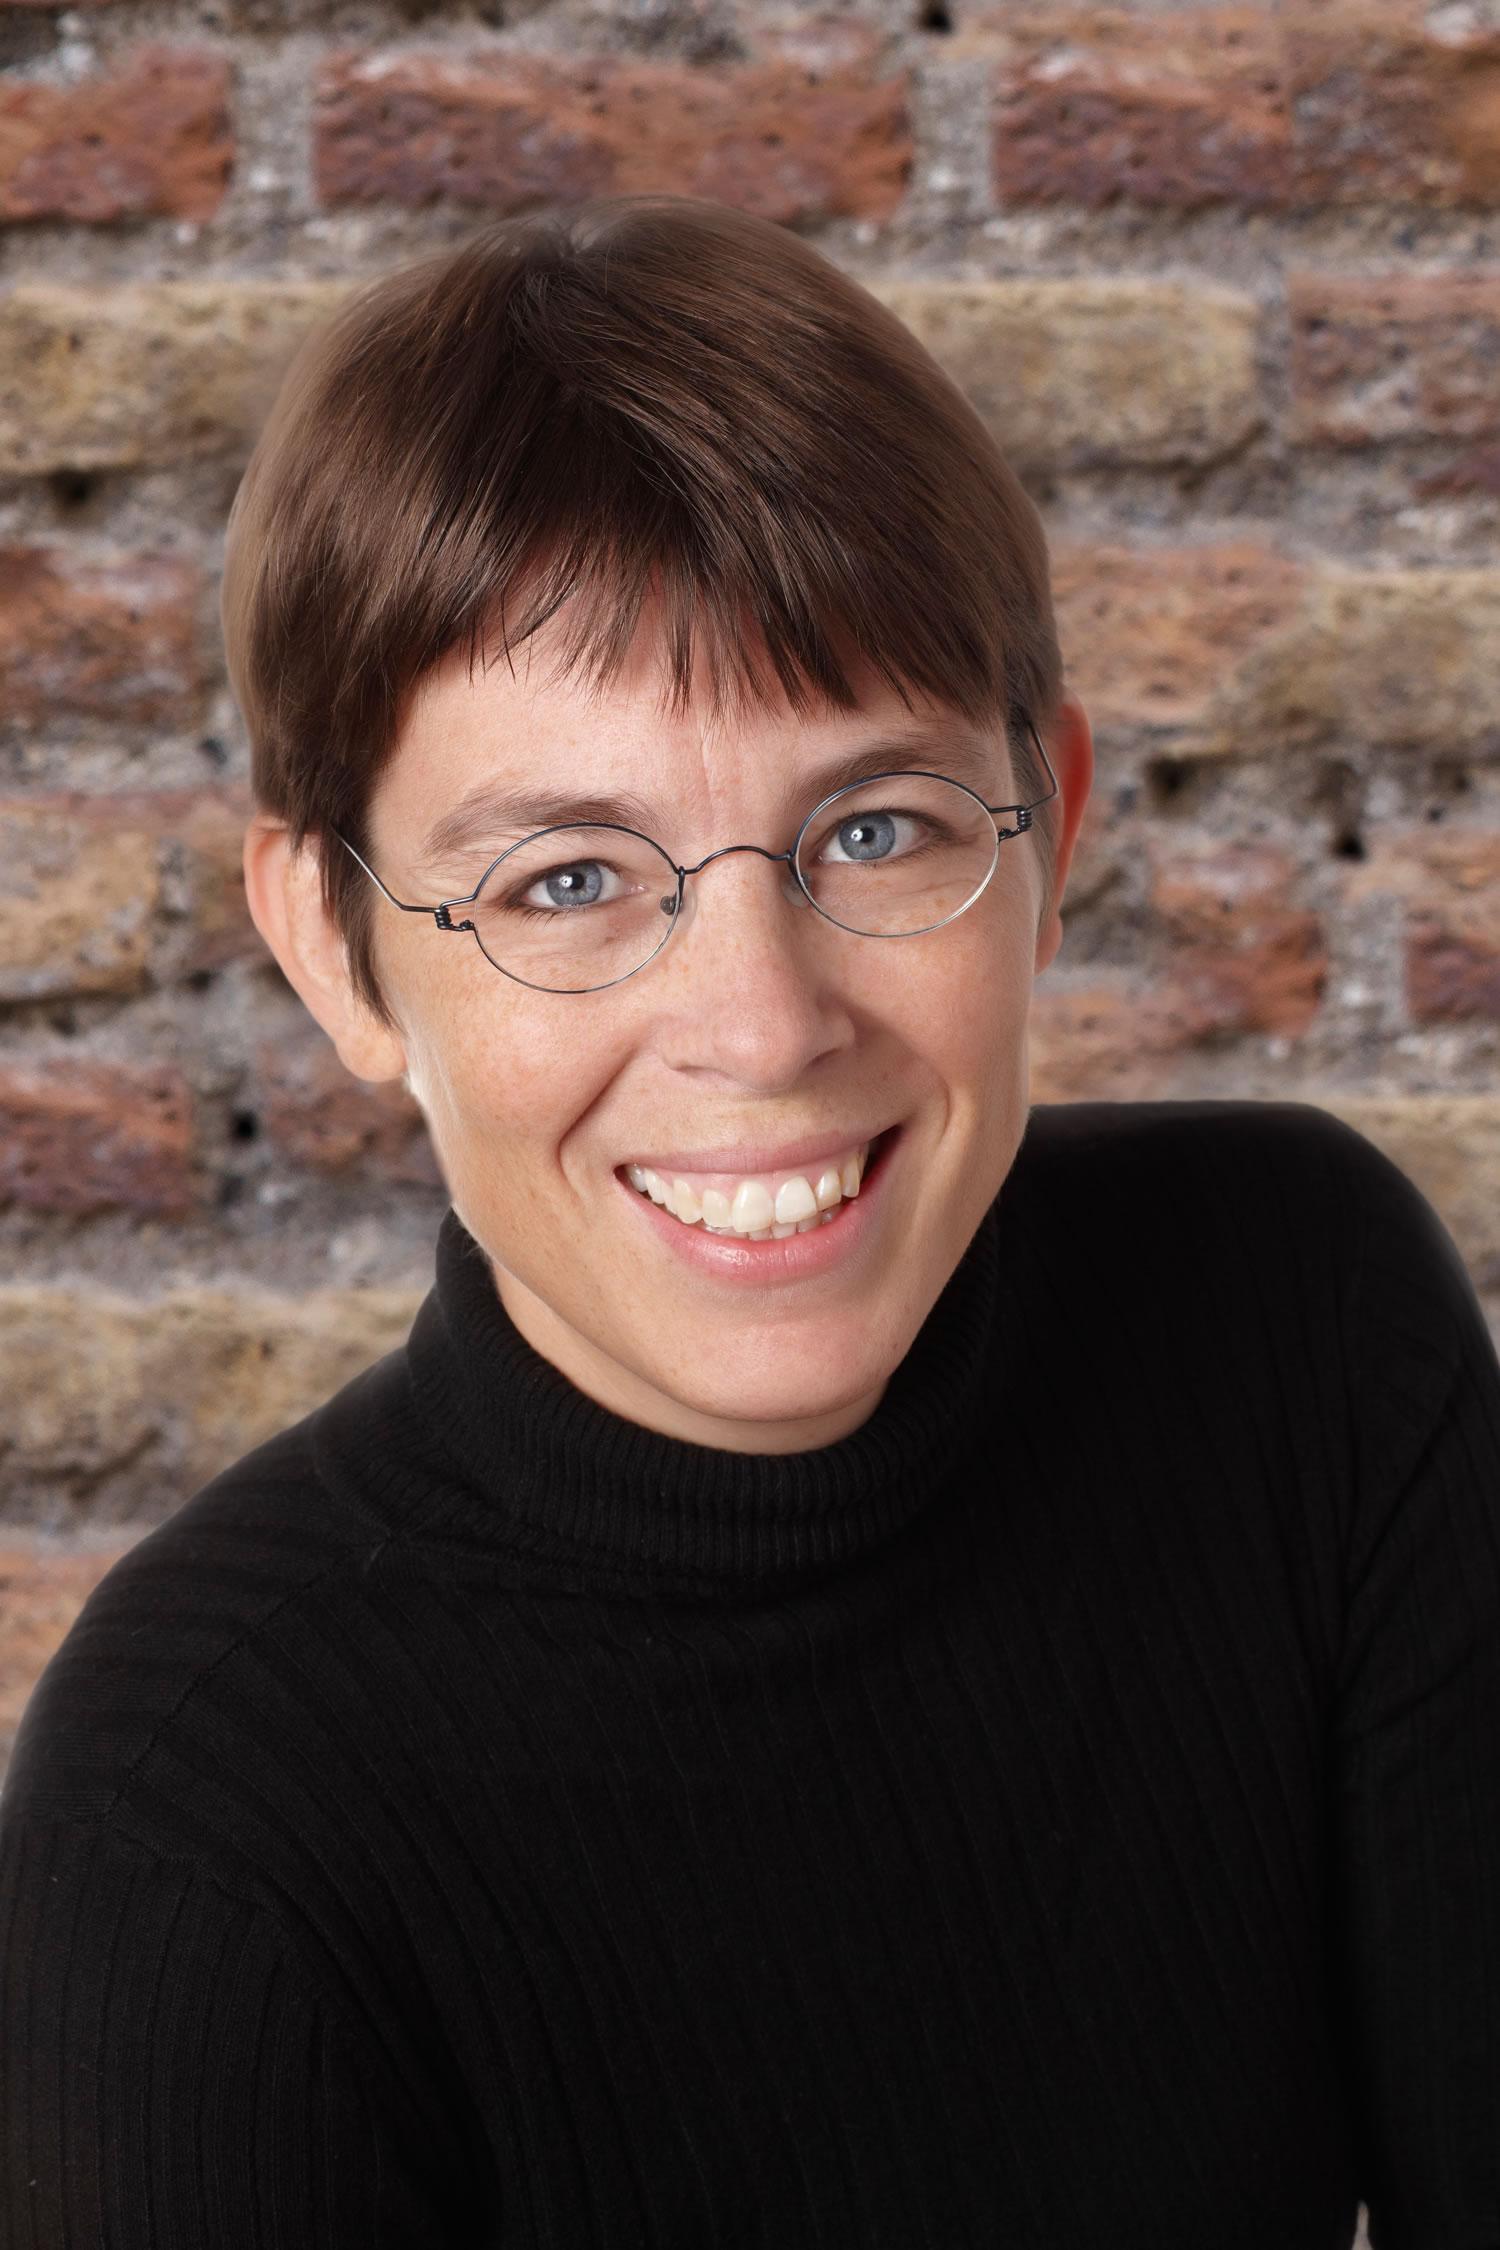 Monika Schwalm